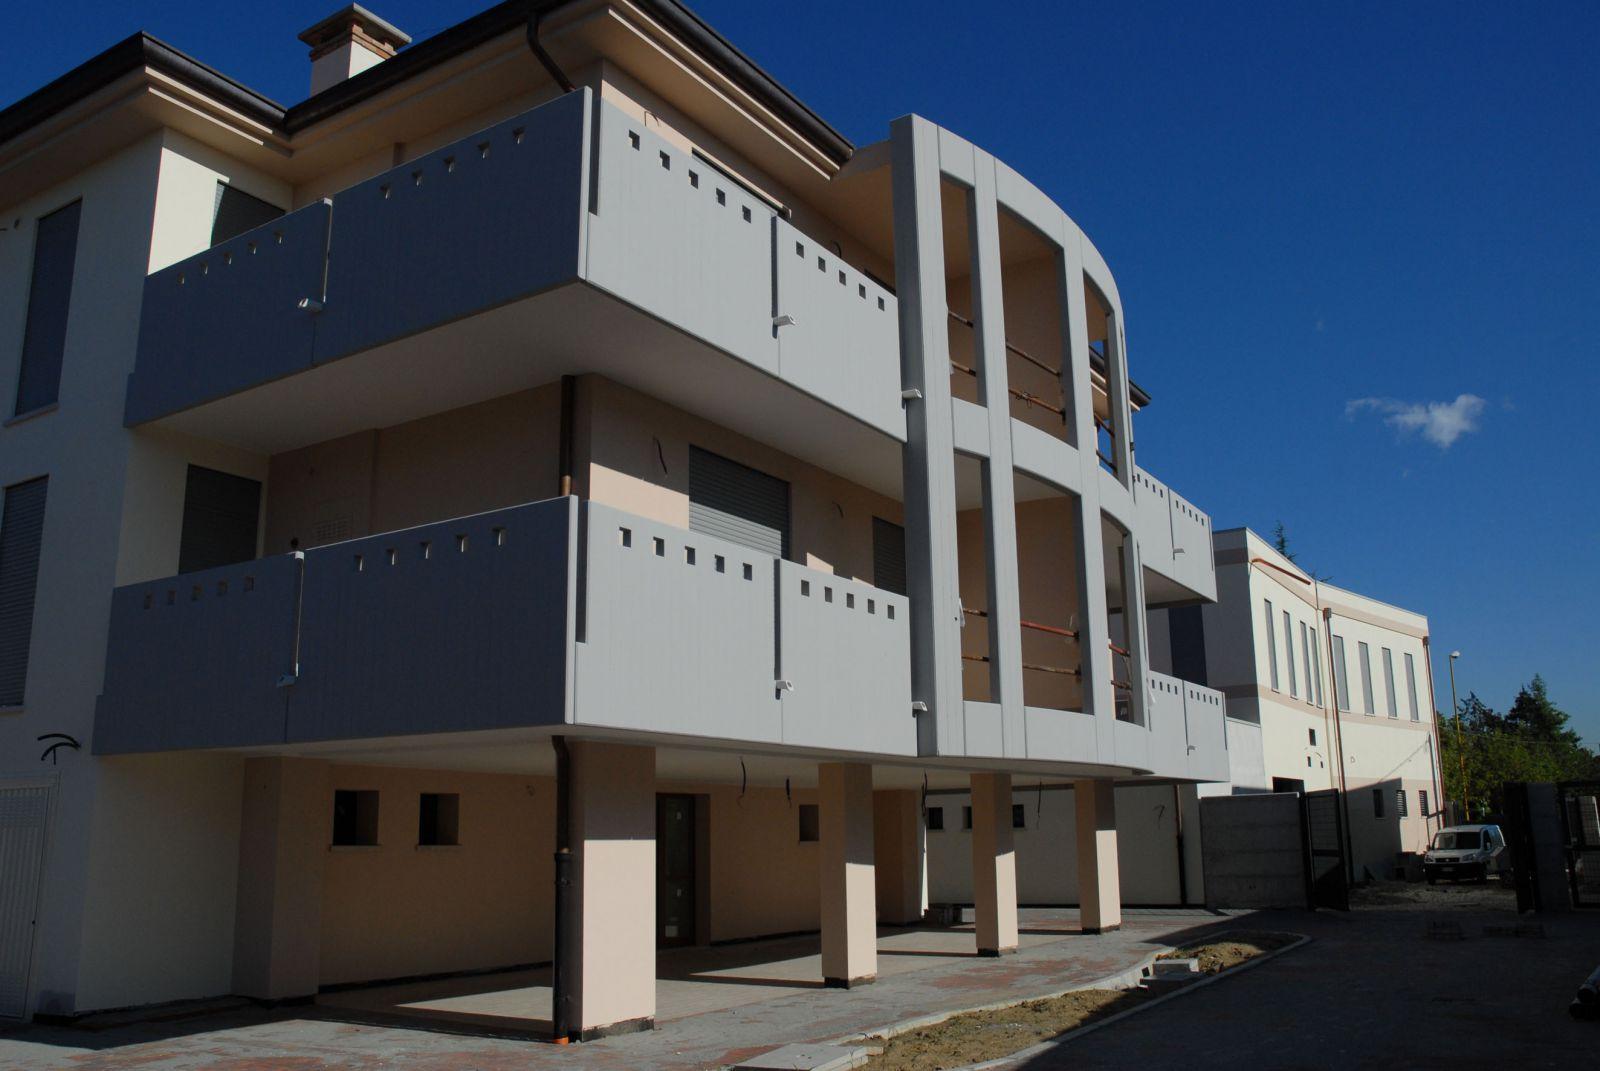 Ponte san nicol caserma dei carabinieri architetto for Piani di garage distaccati viventi del sud